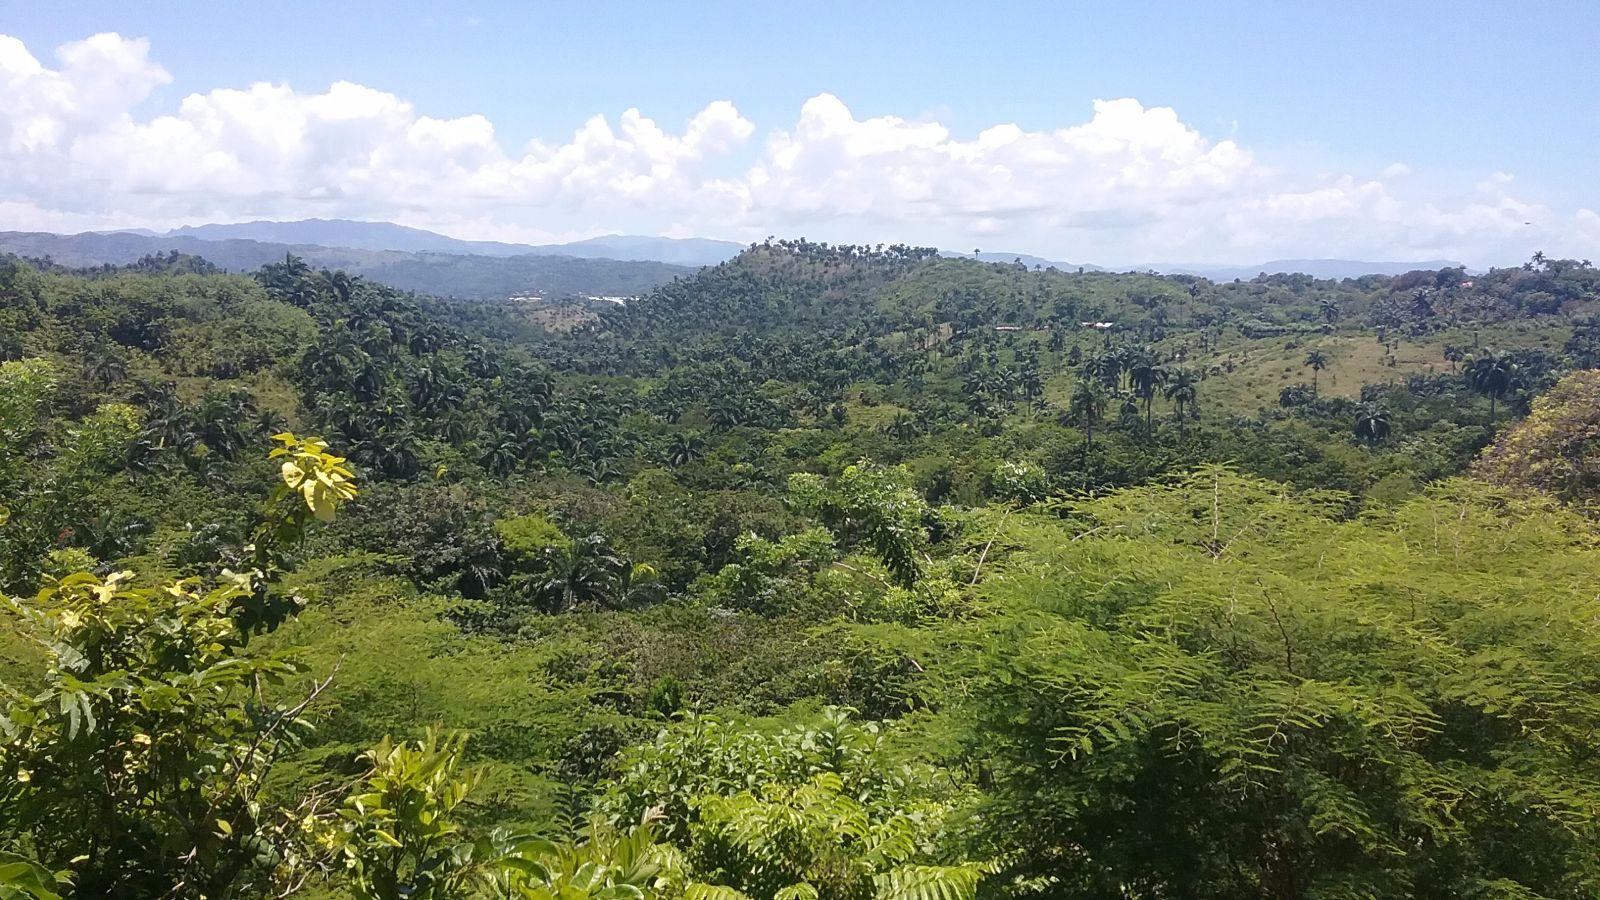 Palmen auf grünen Hügeln